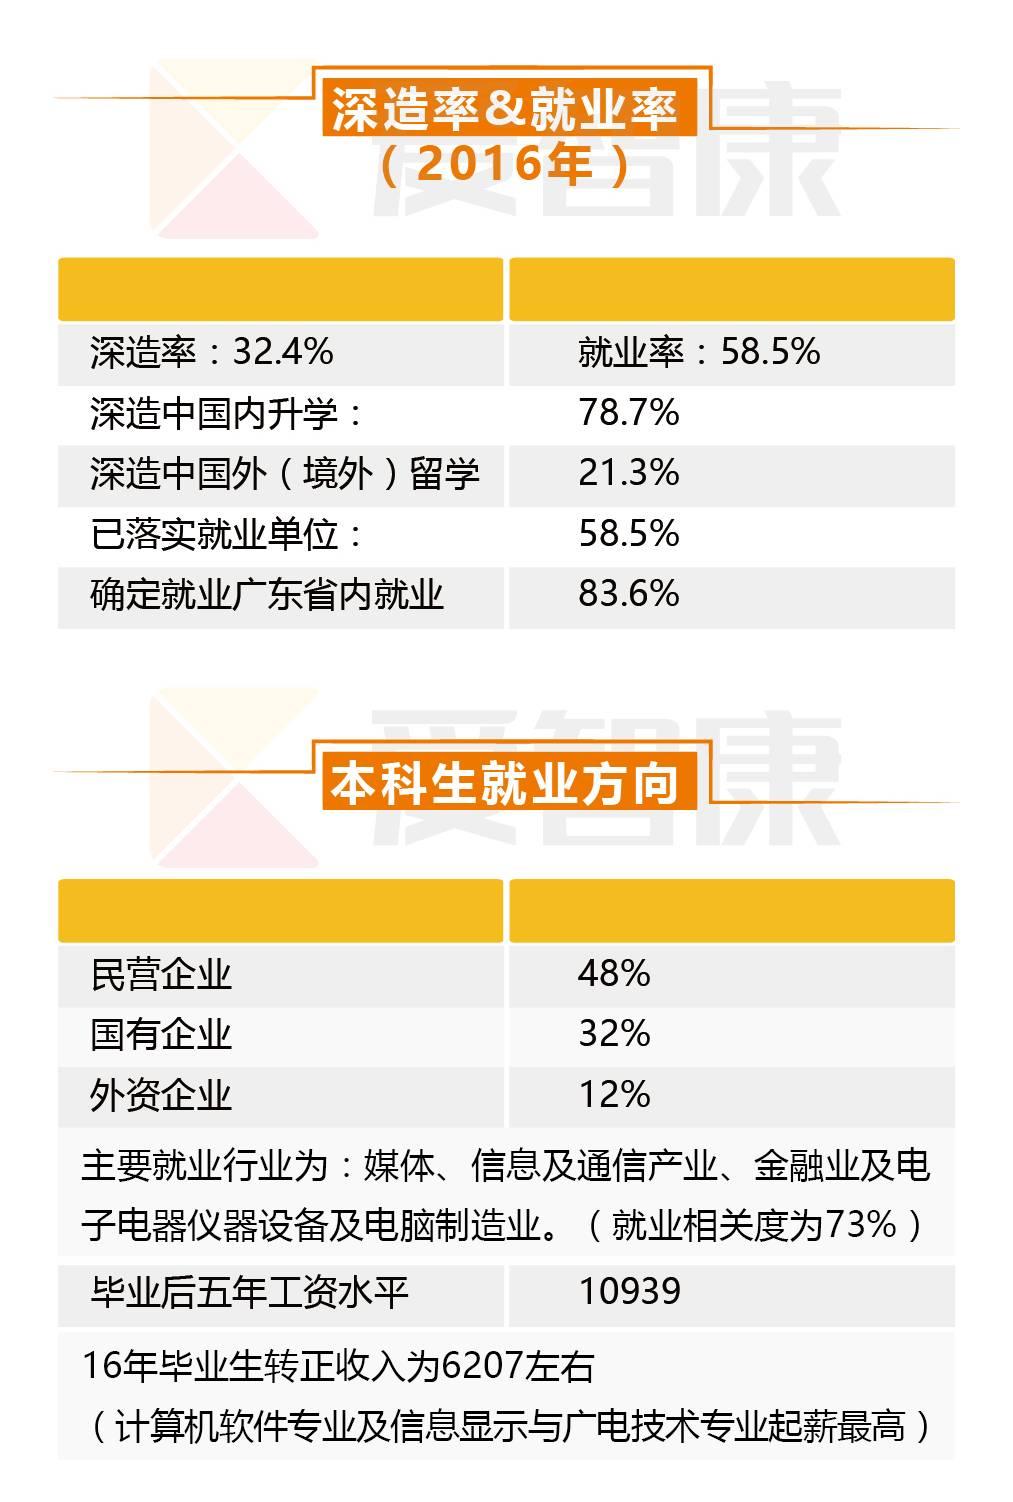 华南理工大学毕业生就业率及方向